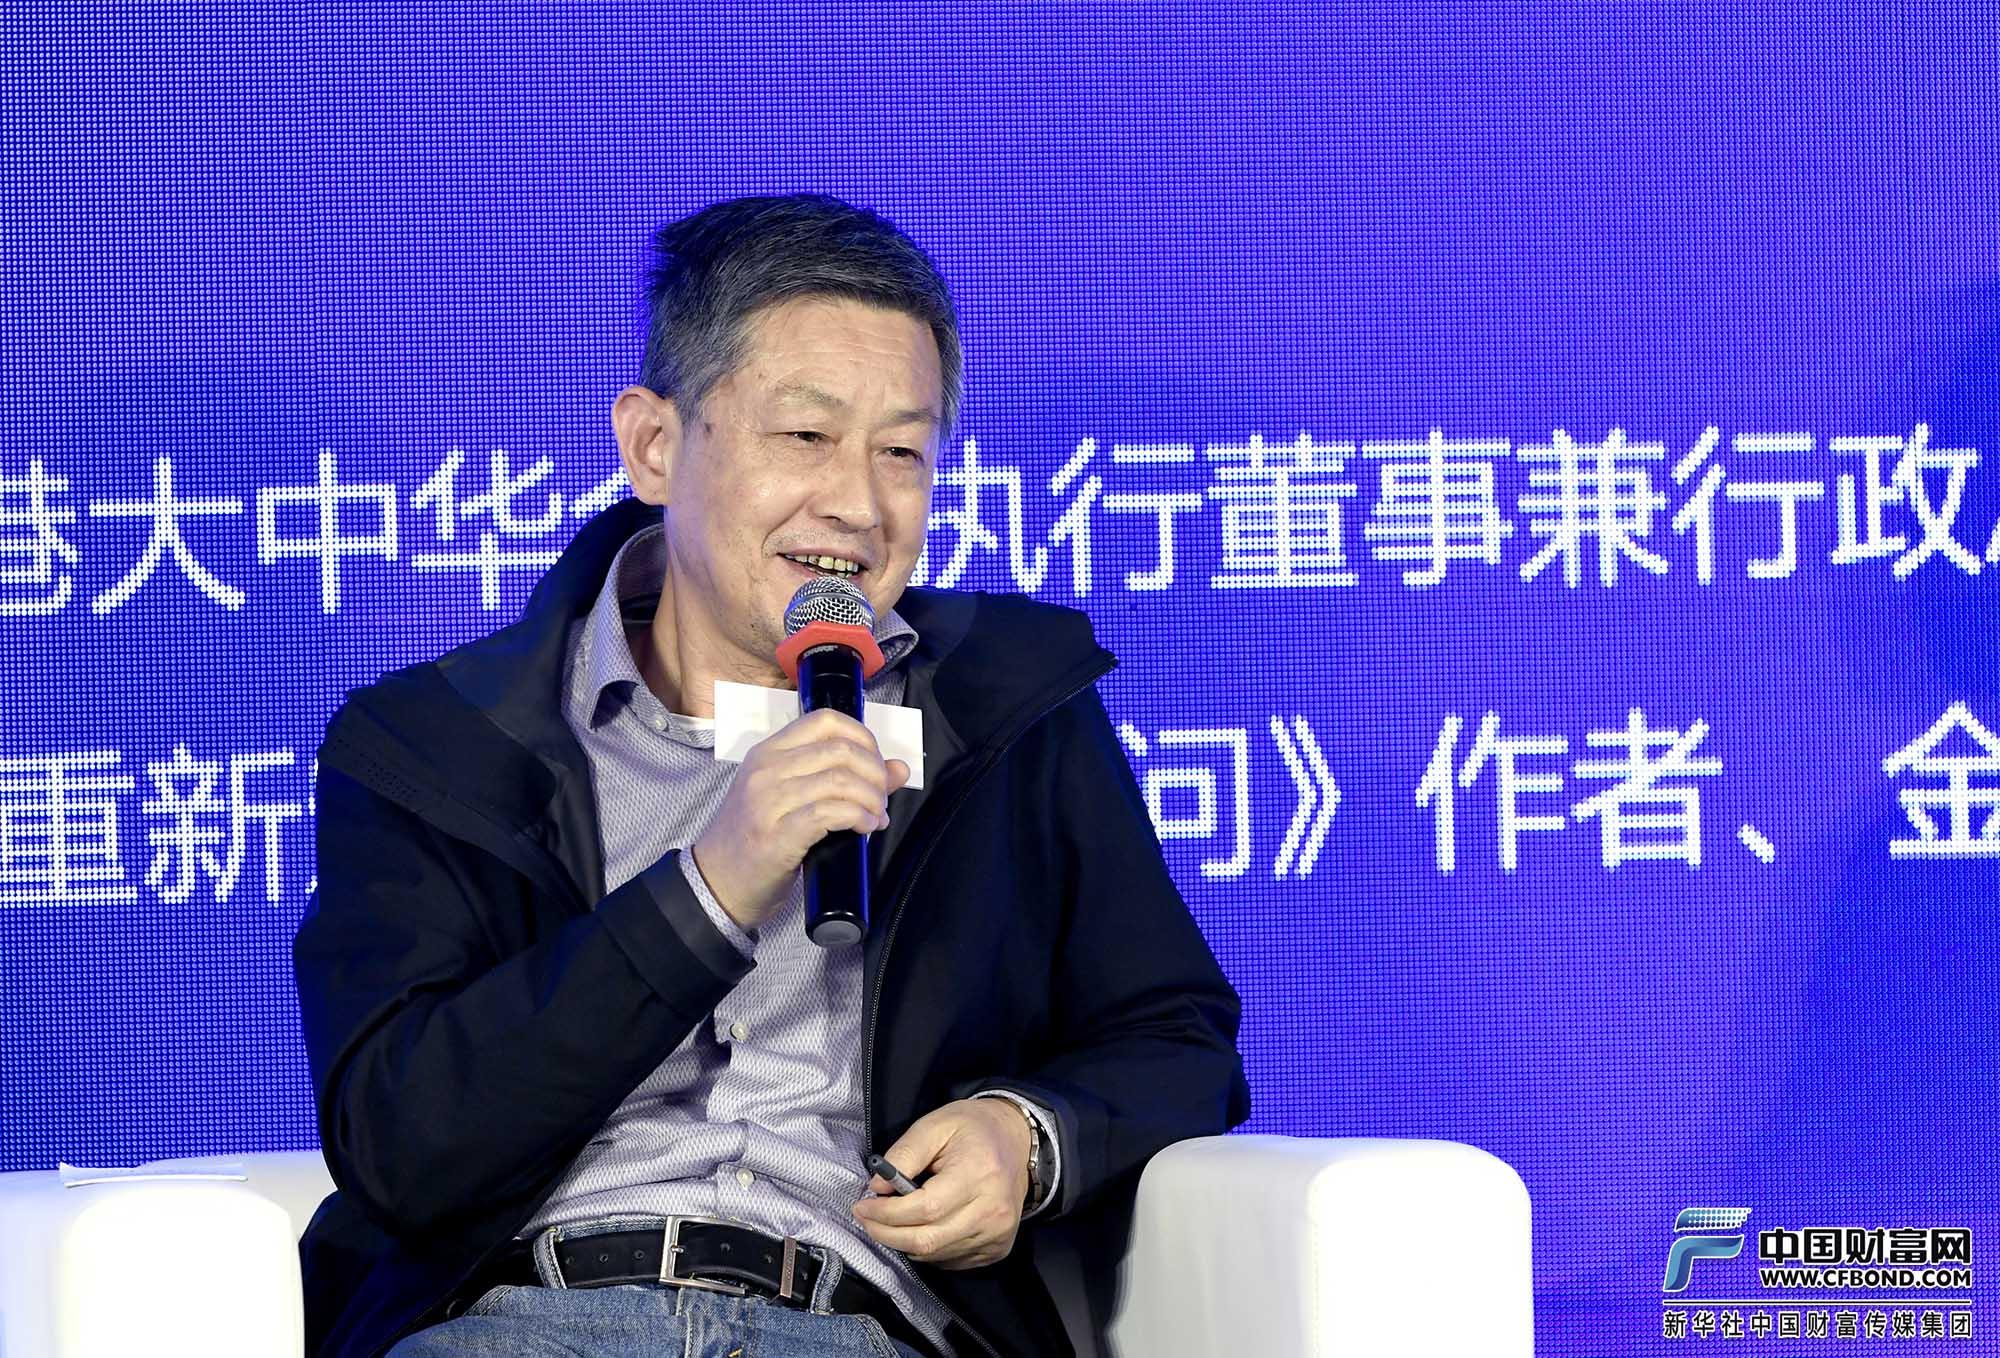 圆桌论坛一发言嘉宾:江南大学商学院院长傅贤治